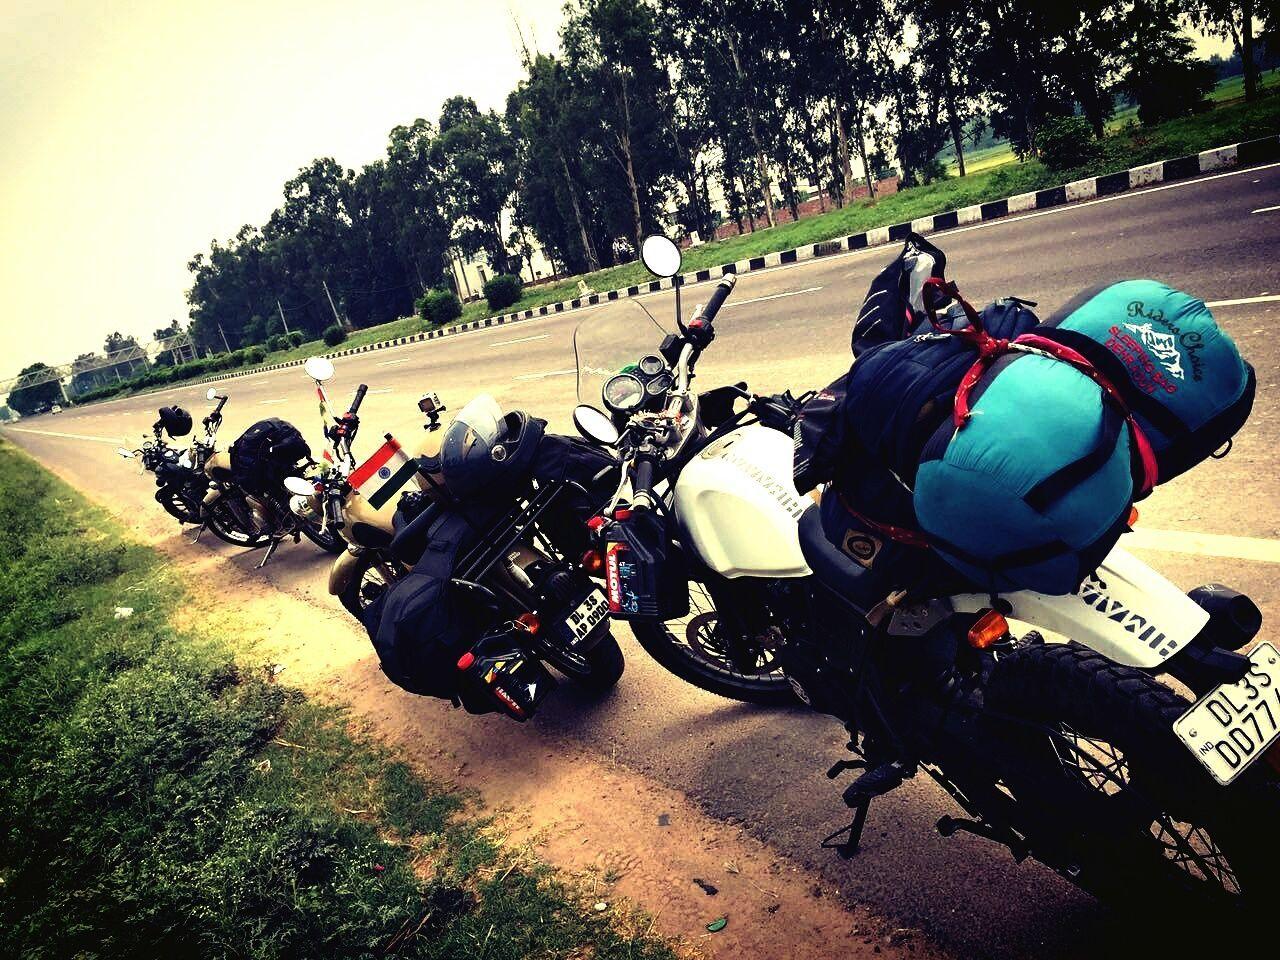 Roadtrip Roadbike Road Side Motorcycles Motorbike Motorcyclepeople Motorcycle Motor Motorcycle Photography Motorcyle Highway Highways&Freeways Highway Photography Showcase July